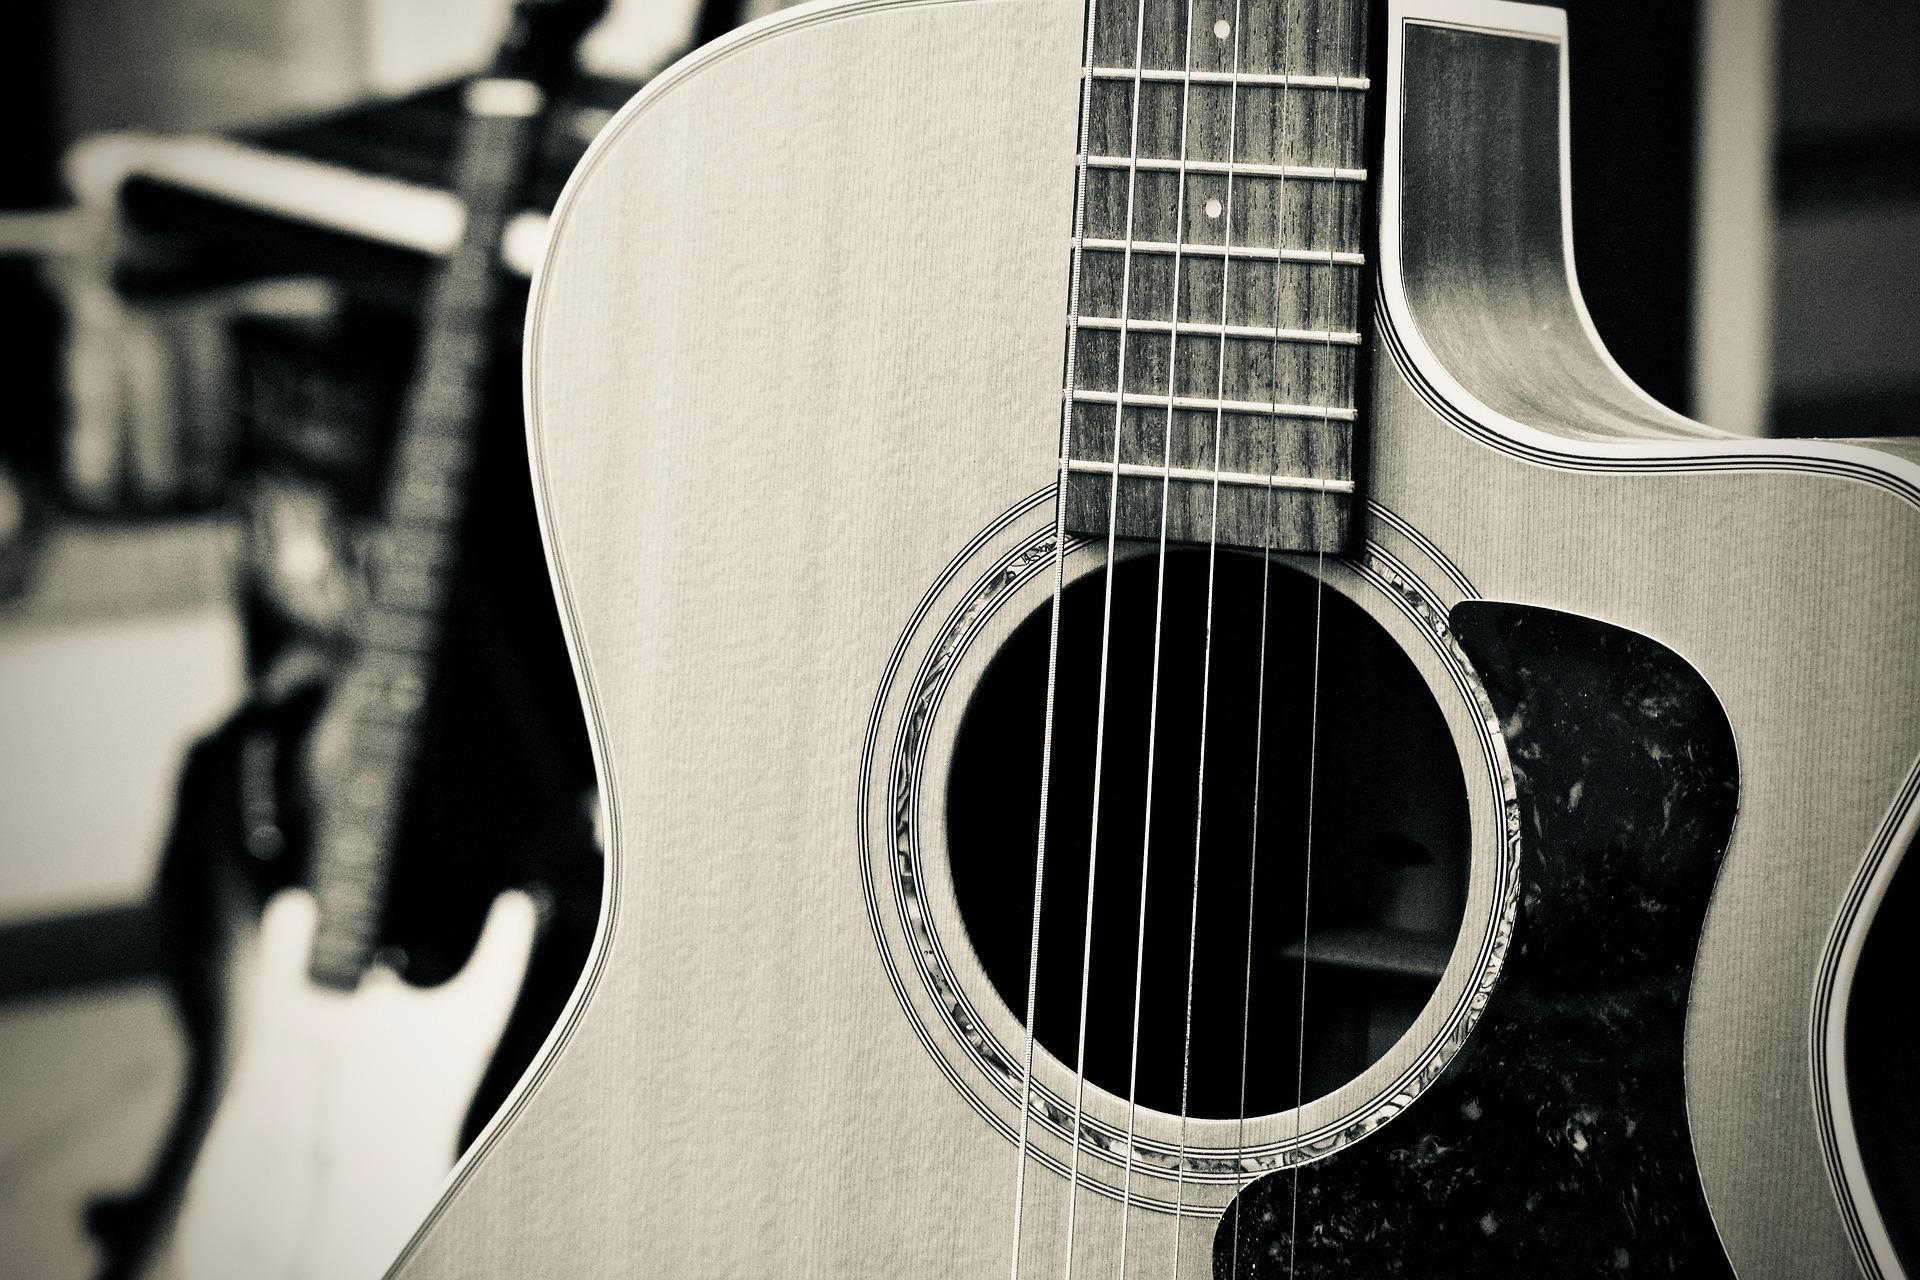 acoustic guitar under $1000